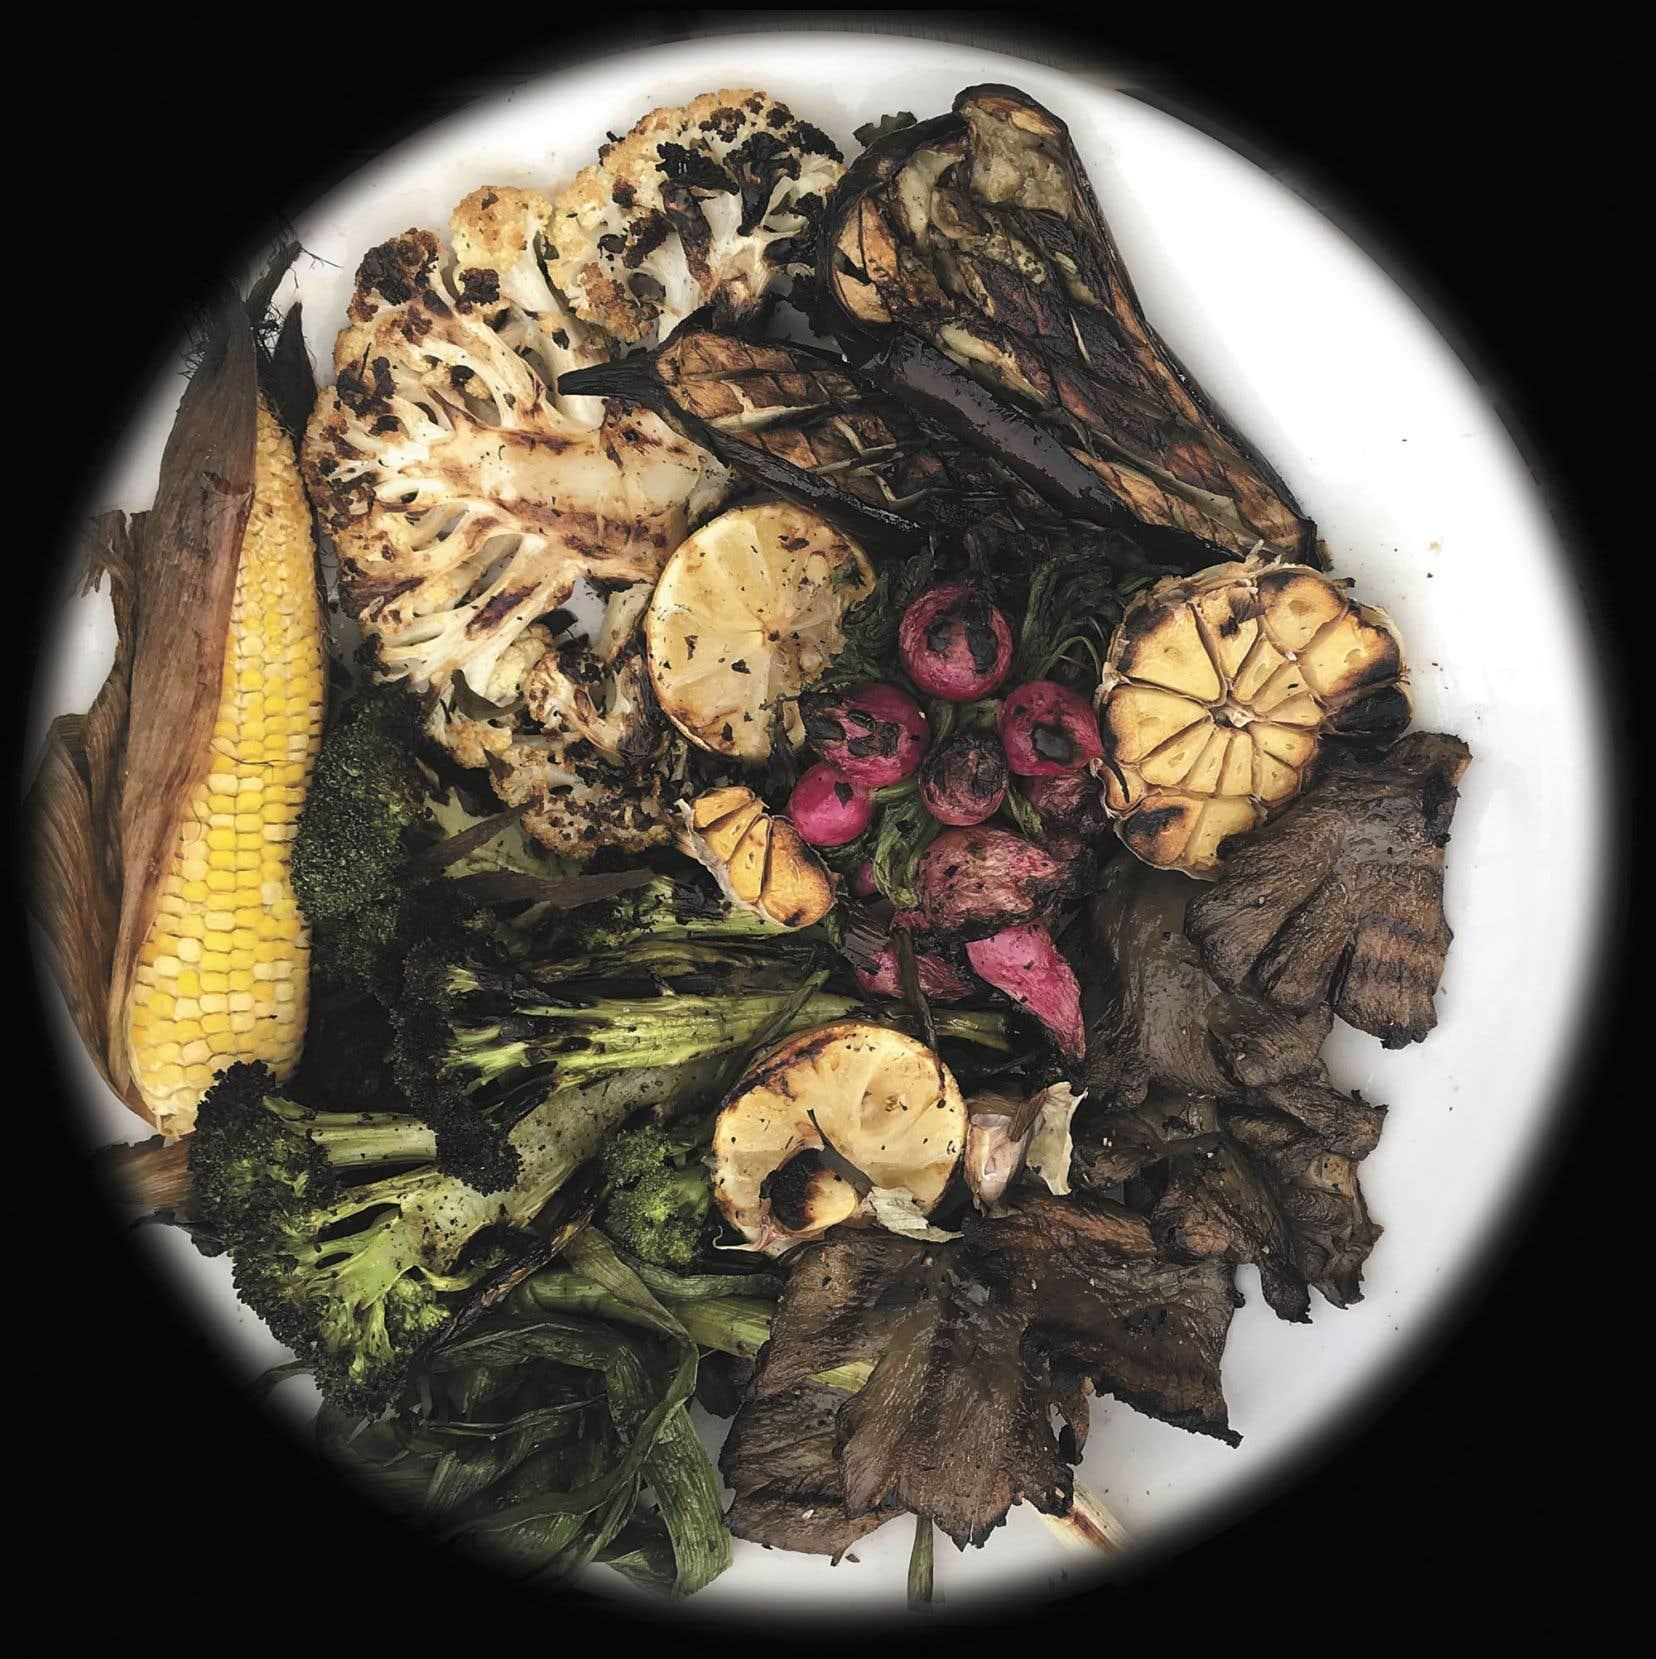 Servir avec l'ail confit, les citrons et la lime restants, ainsi que la vinaigrette